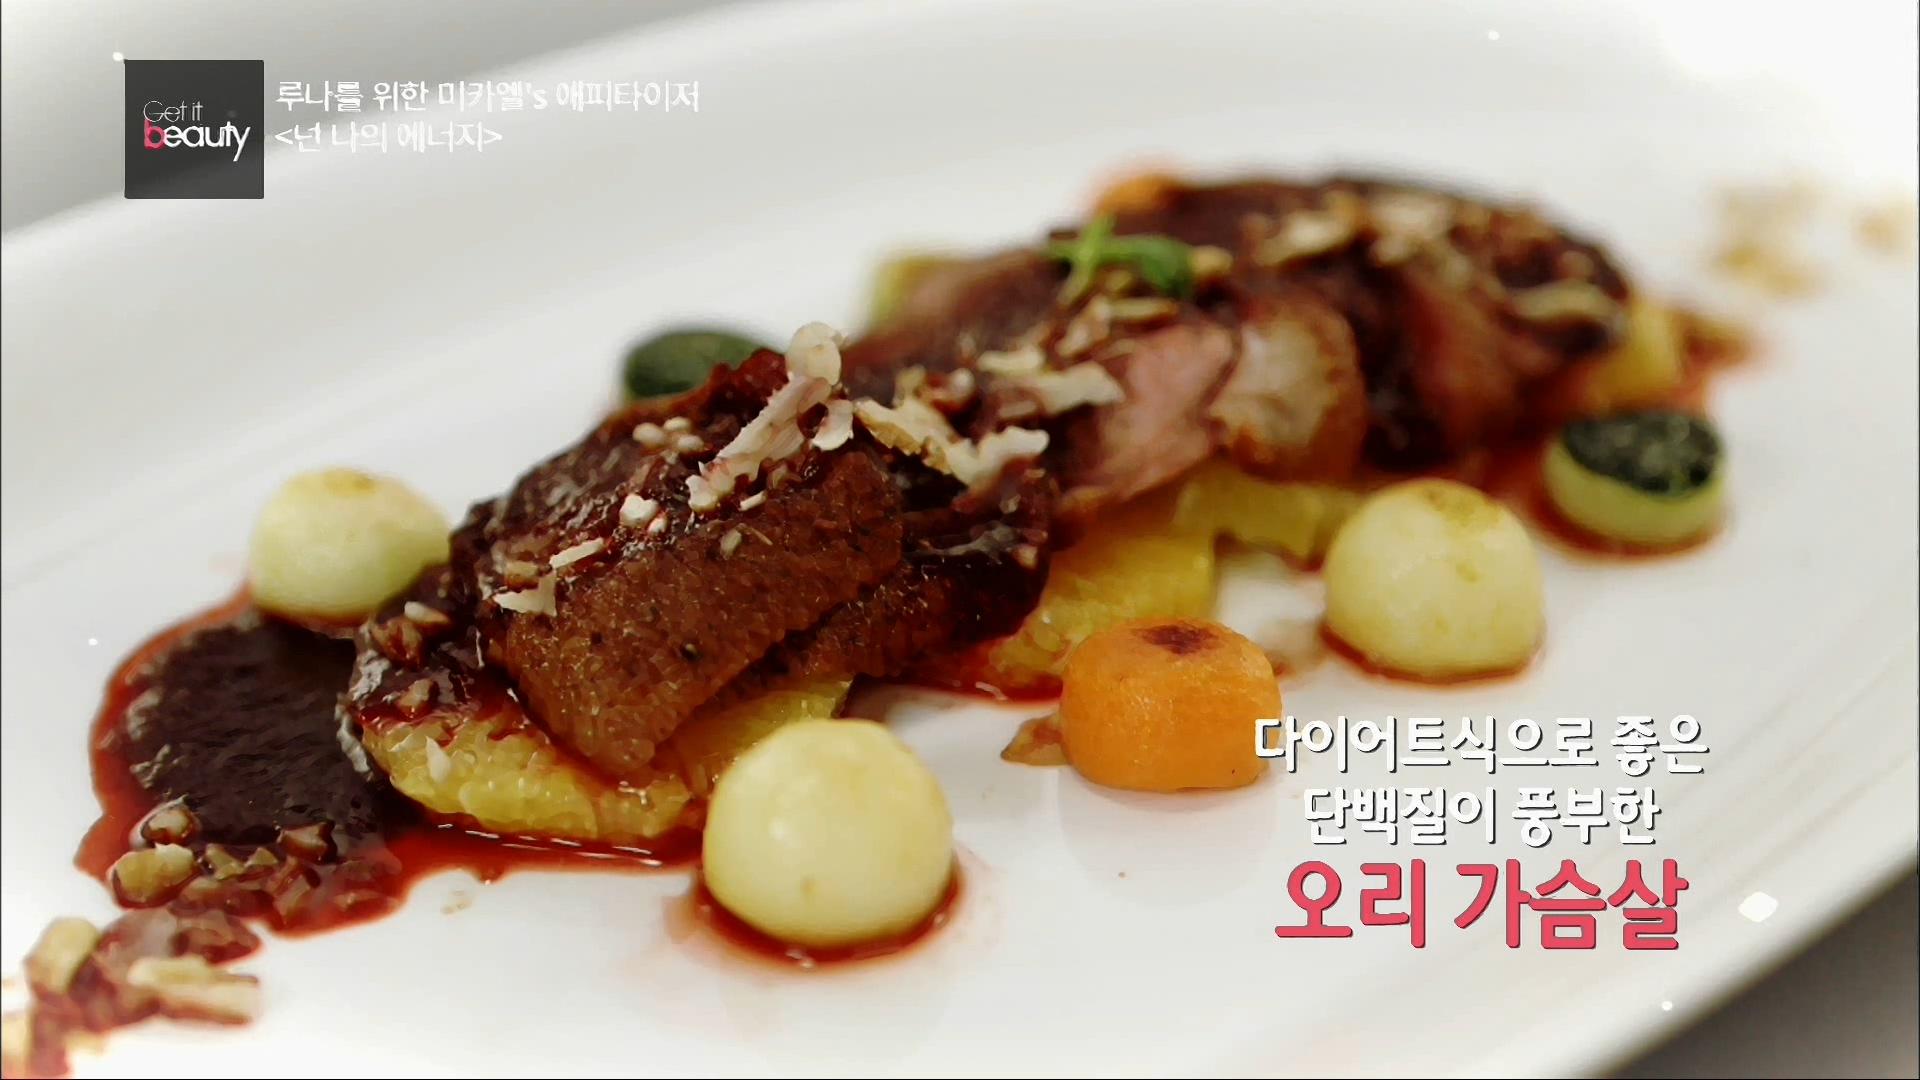 다이어트식으로 좋은 단백질이 풍부한 오리 가슴살요리 완성~